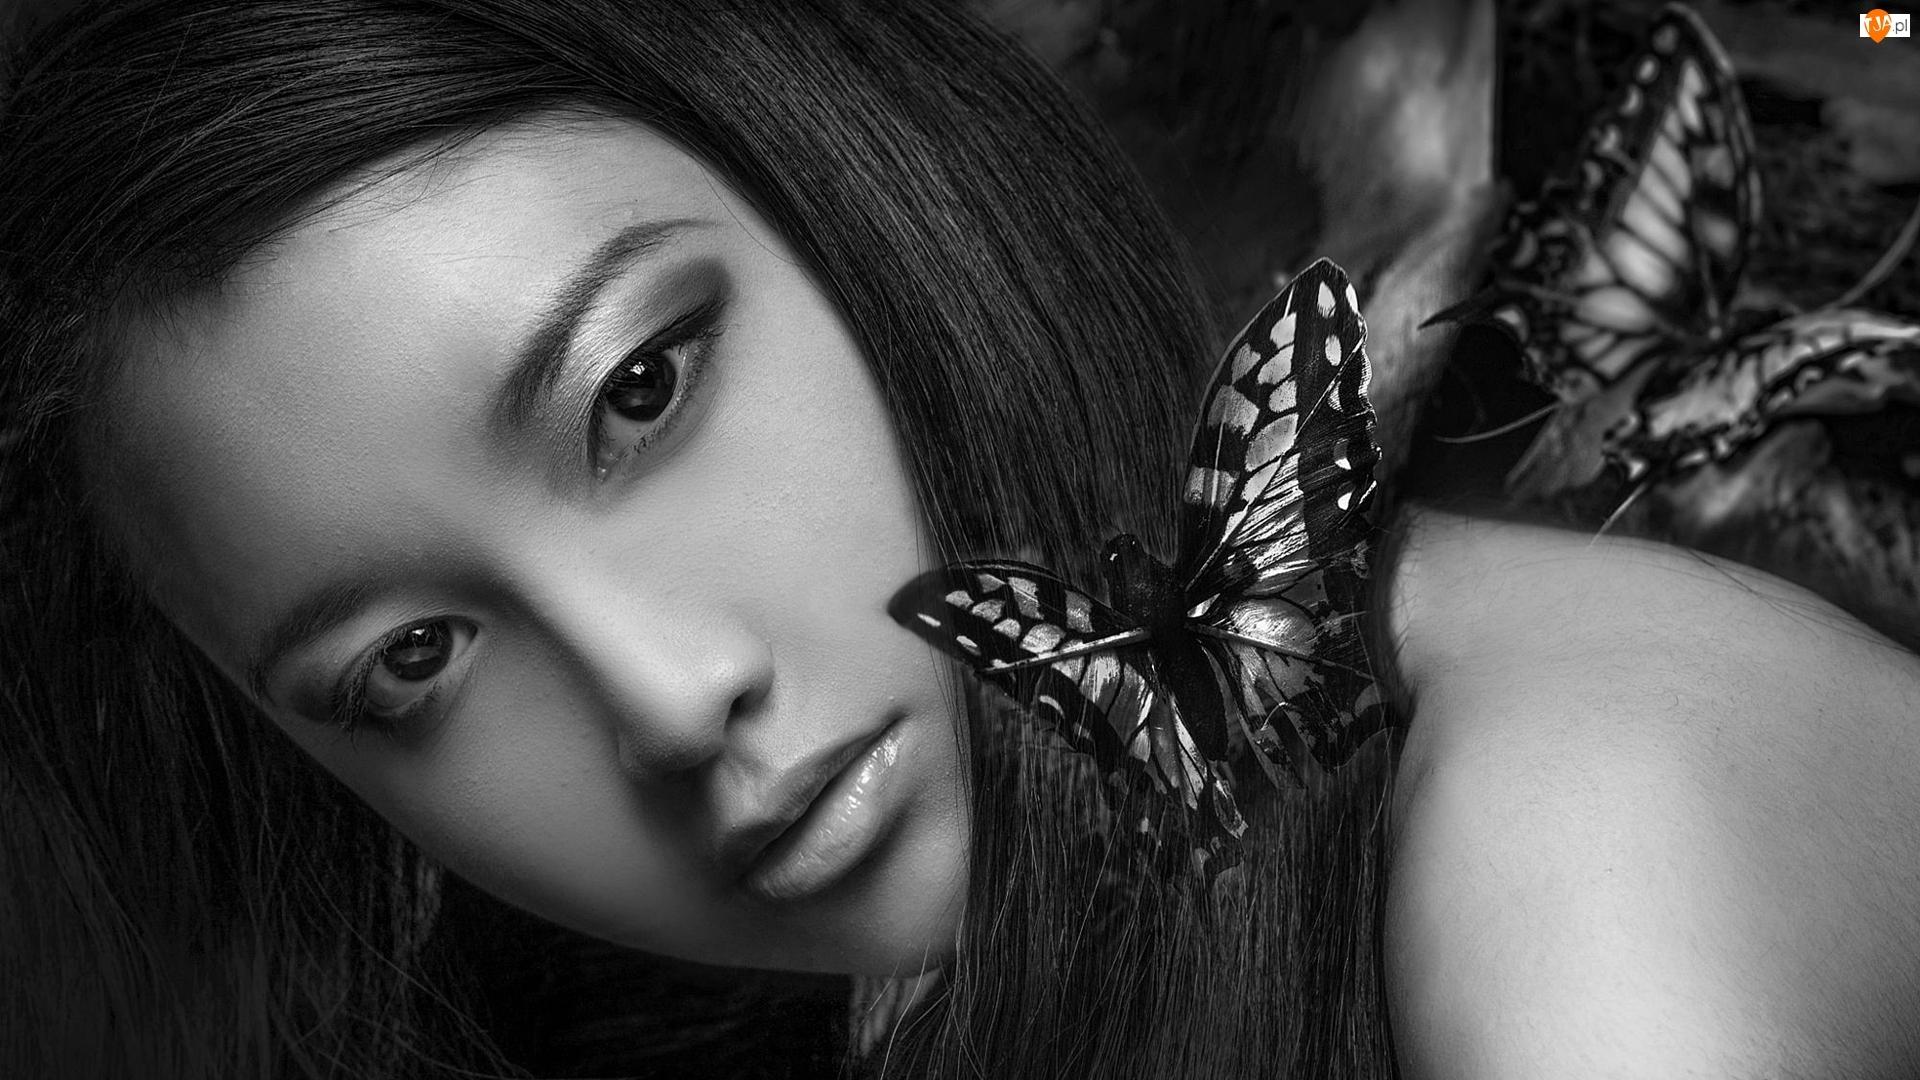 Czarno-Białe, Kobieta, Motyle